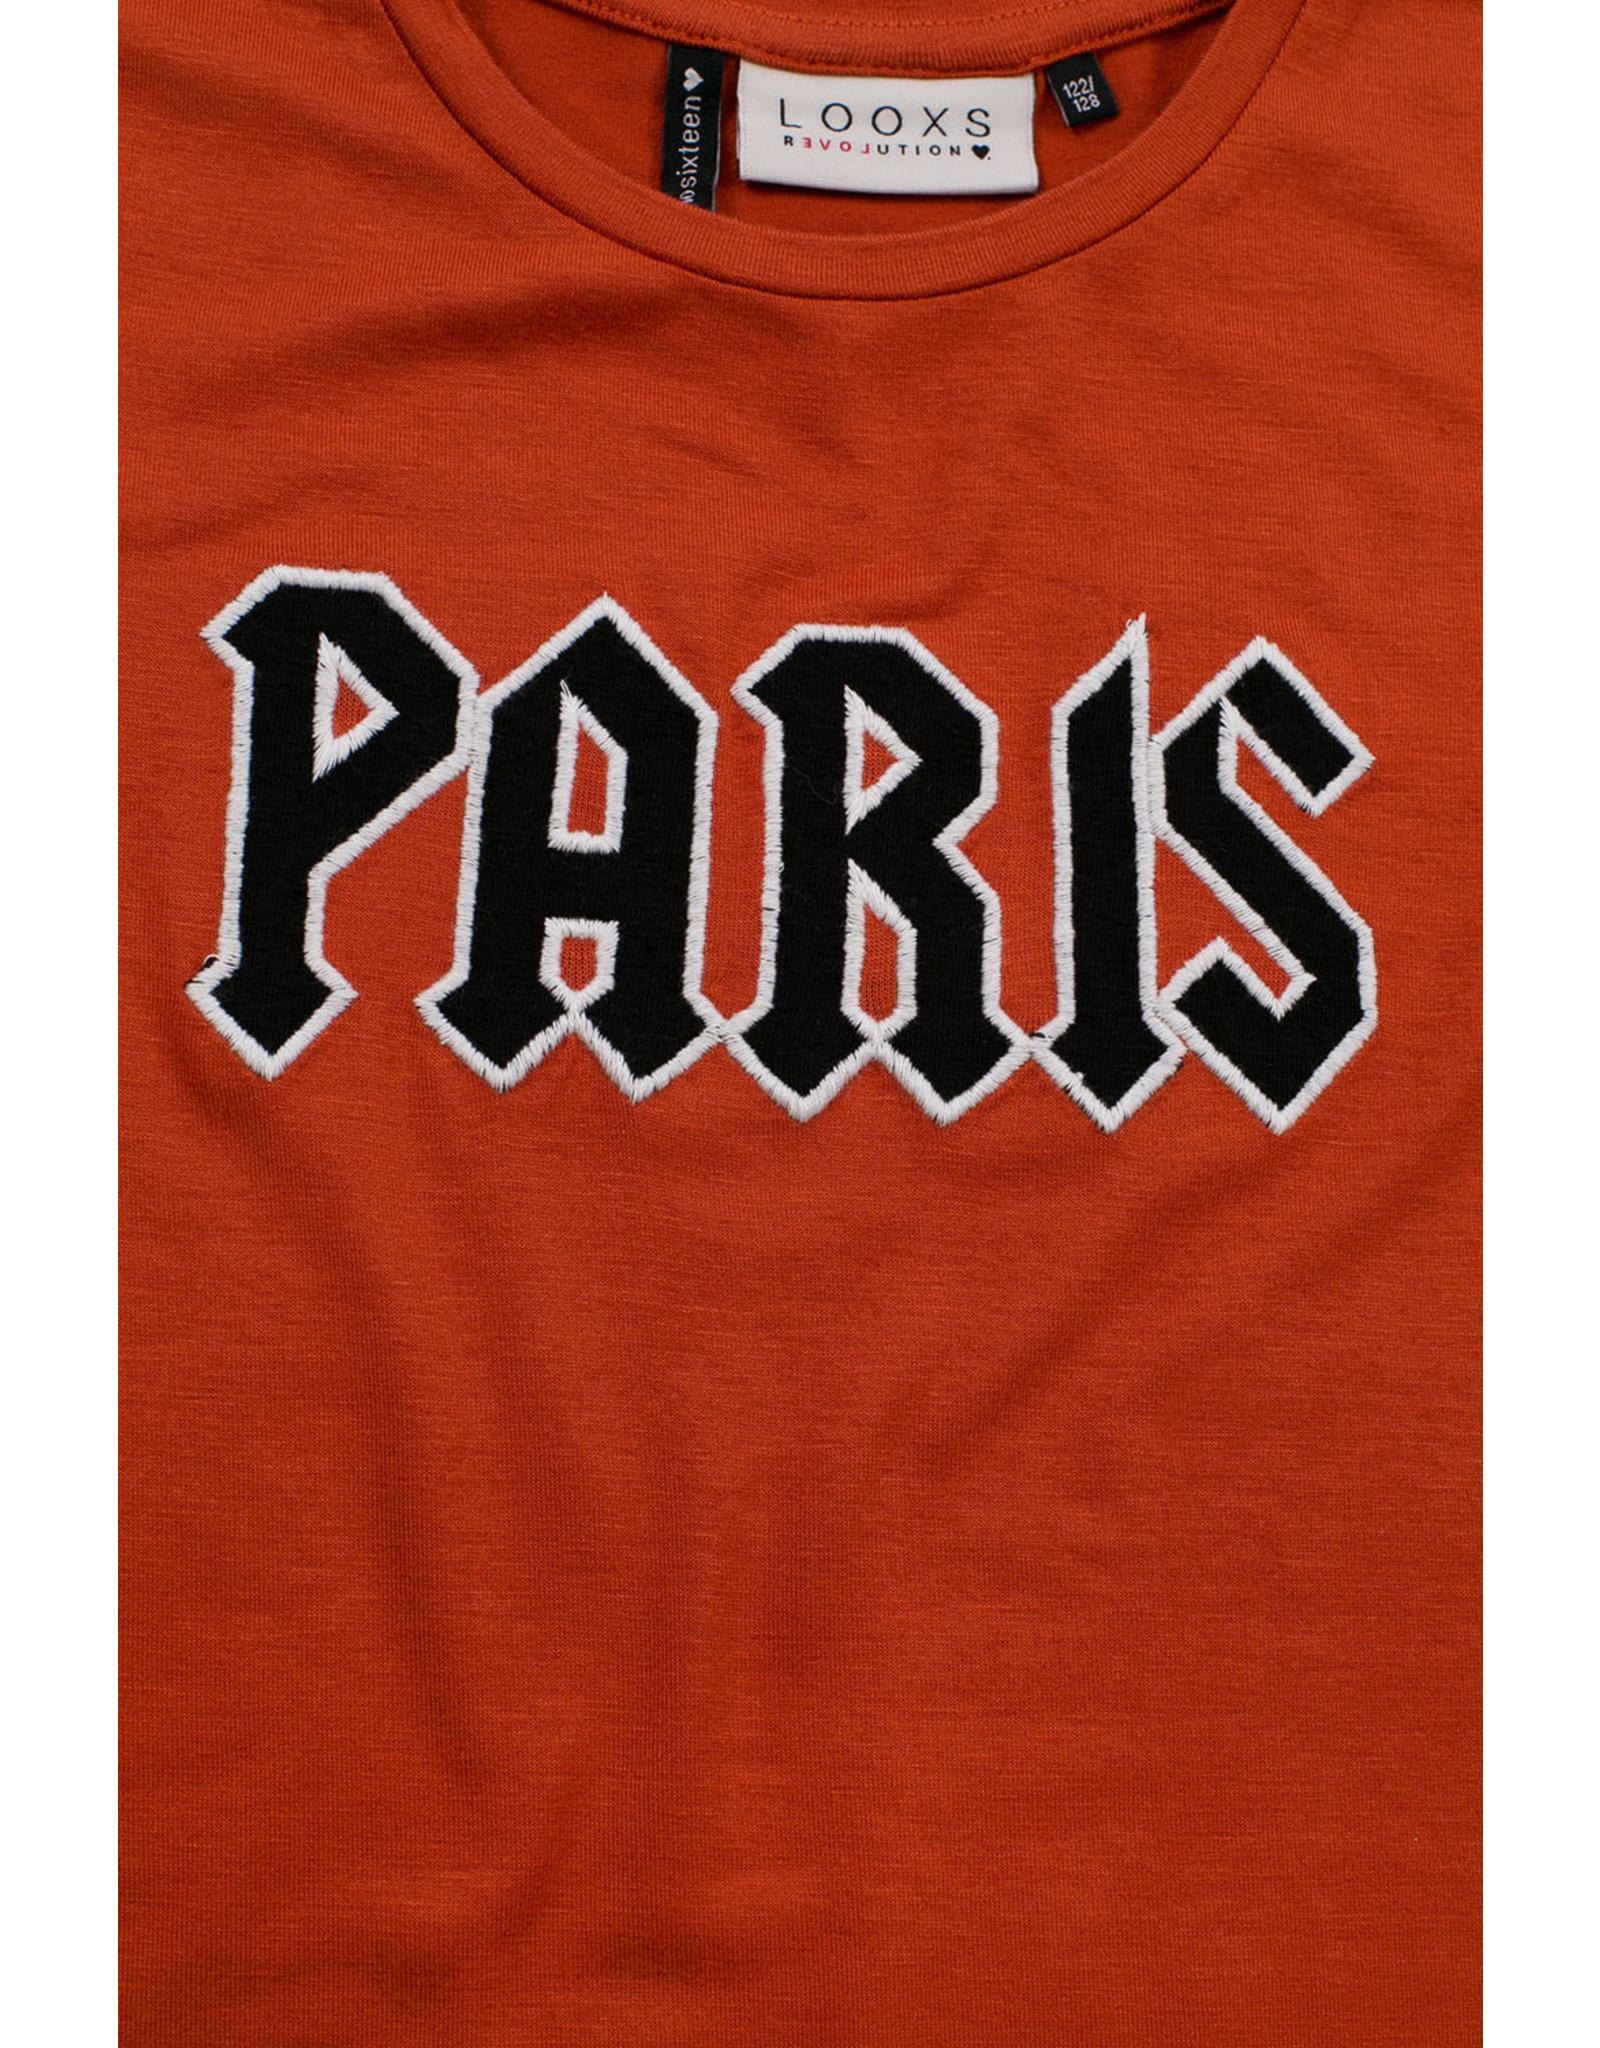 Looxs 10SIXTEEN 10Sixteen T-shirt Terra